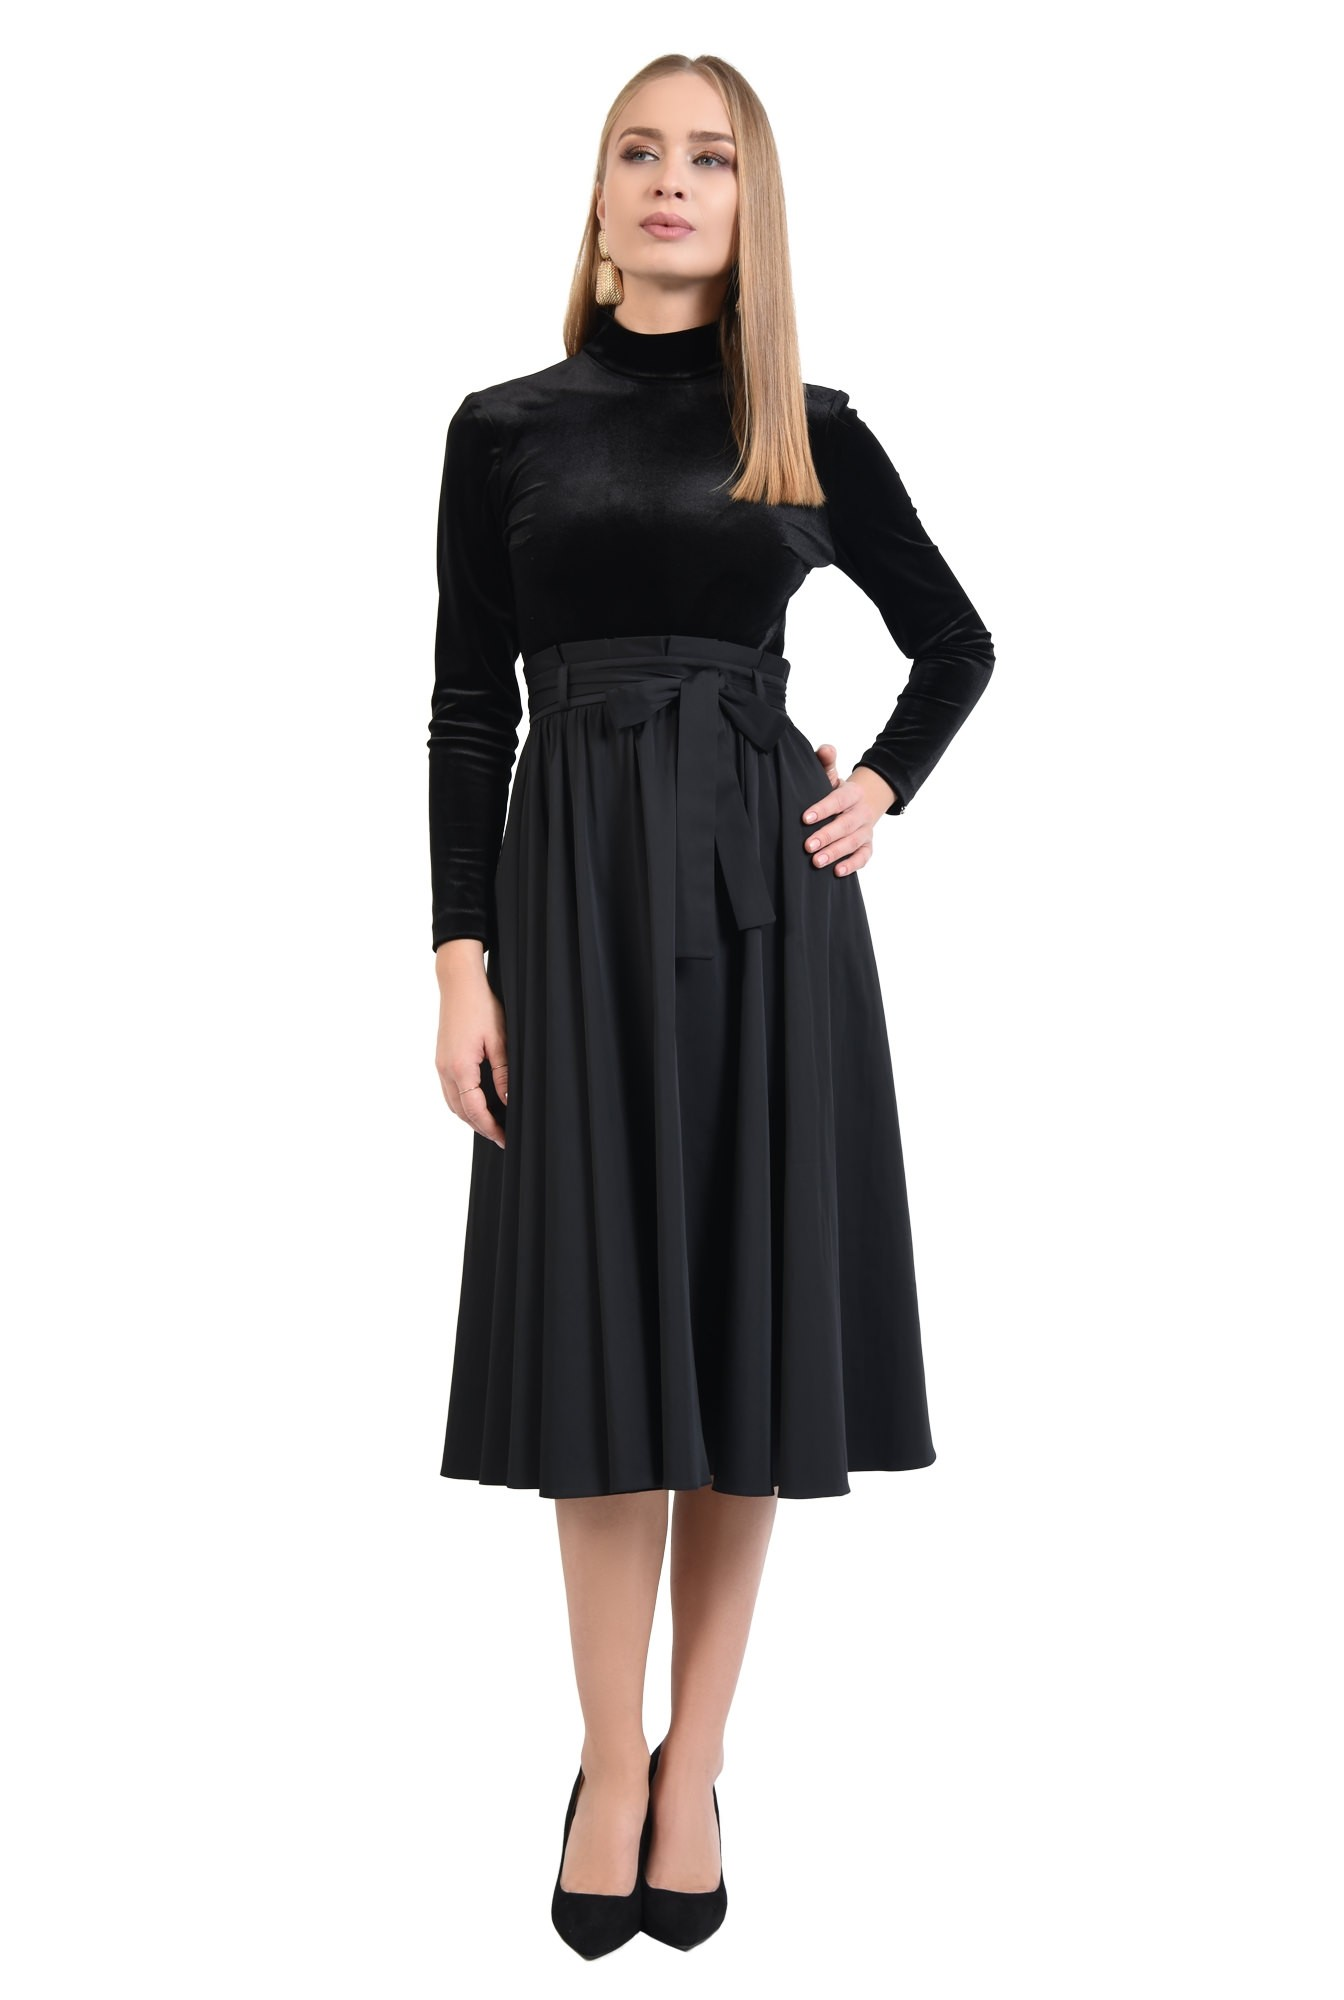 3 - 360 - fusta neagra eleganta, croi evazat, falduri, betelie plisata cu cordon